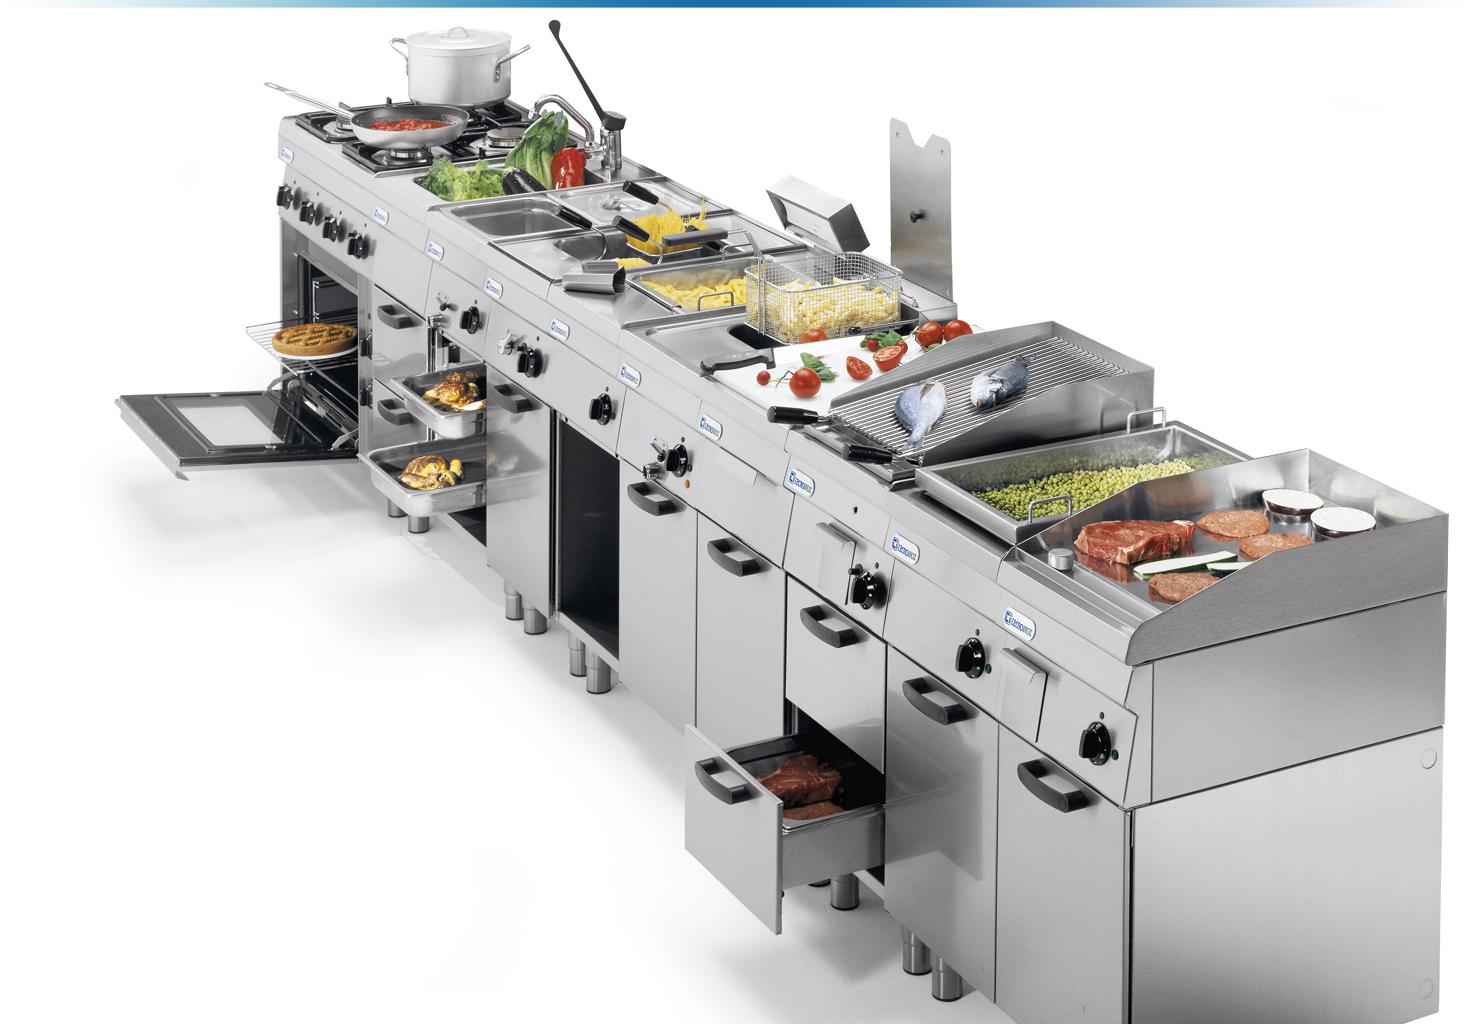 echipamente HoReCa, echipamente restaurant, utilaje bucatarie